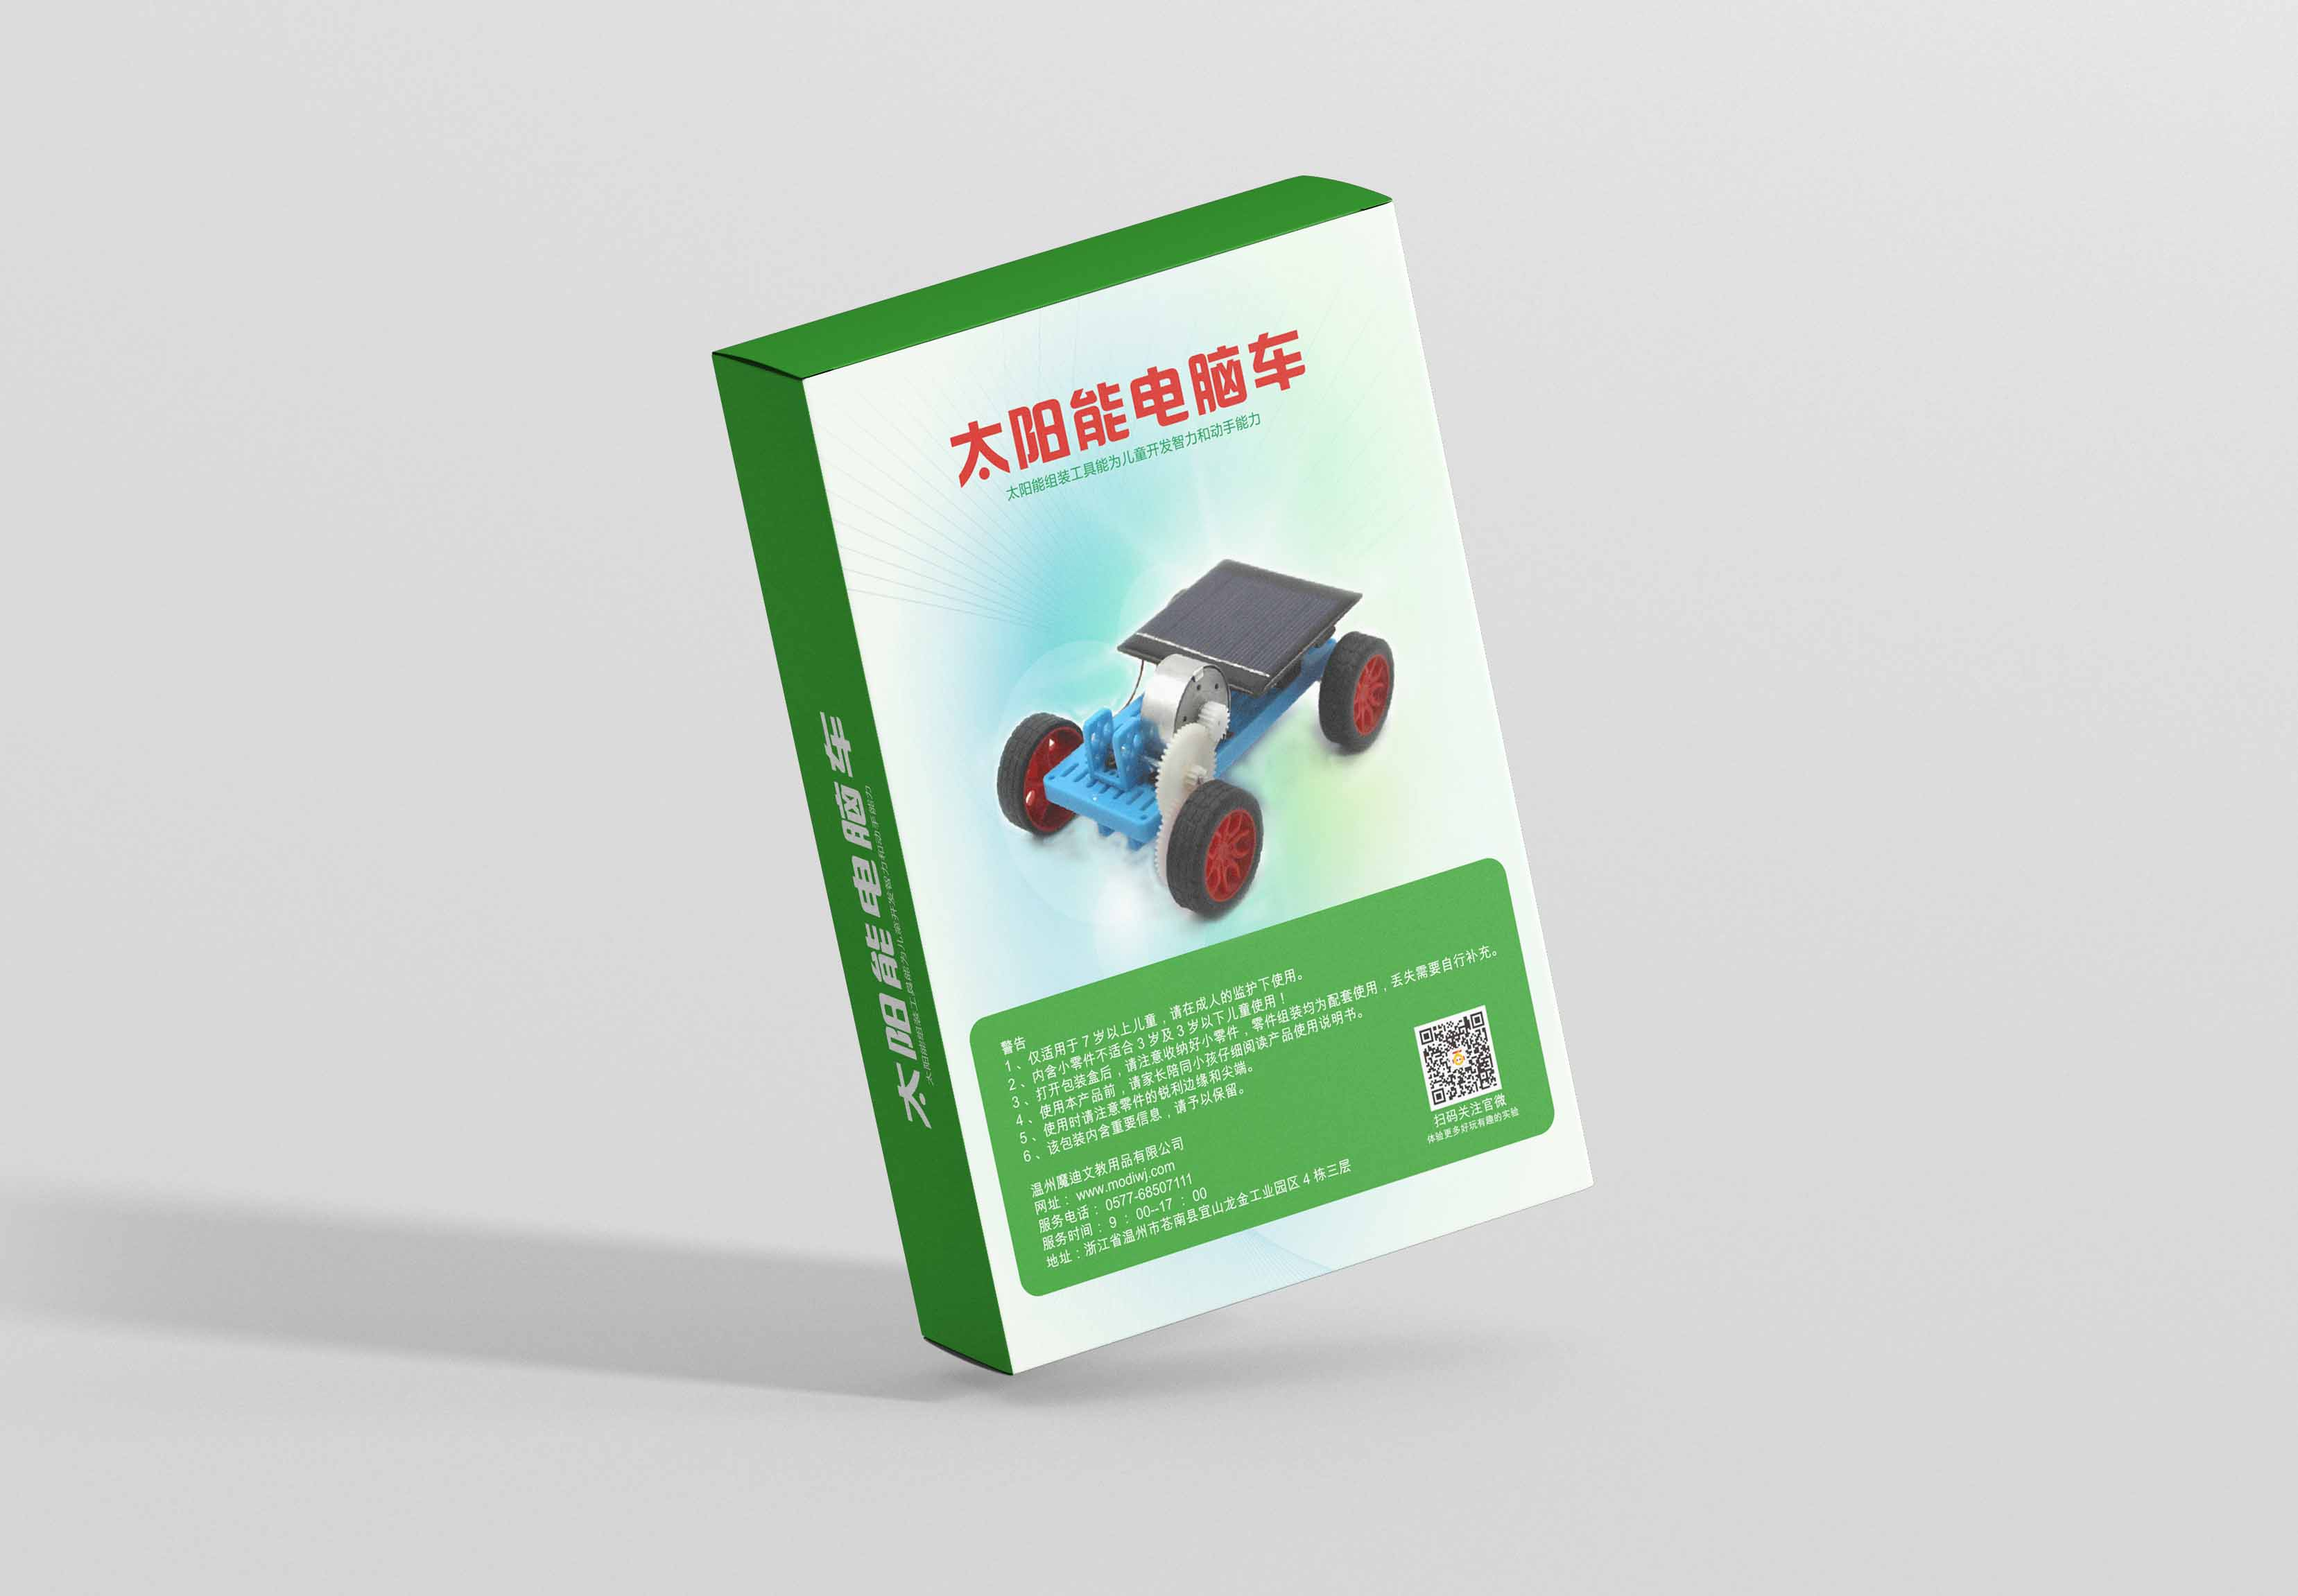 科技小制作包装盒设计_3024399_k68威客网